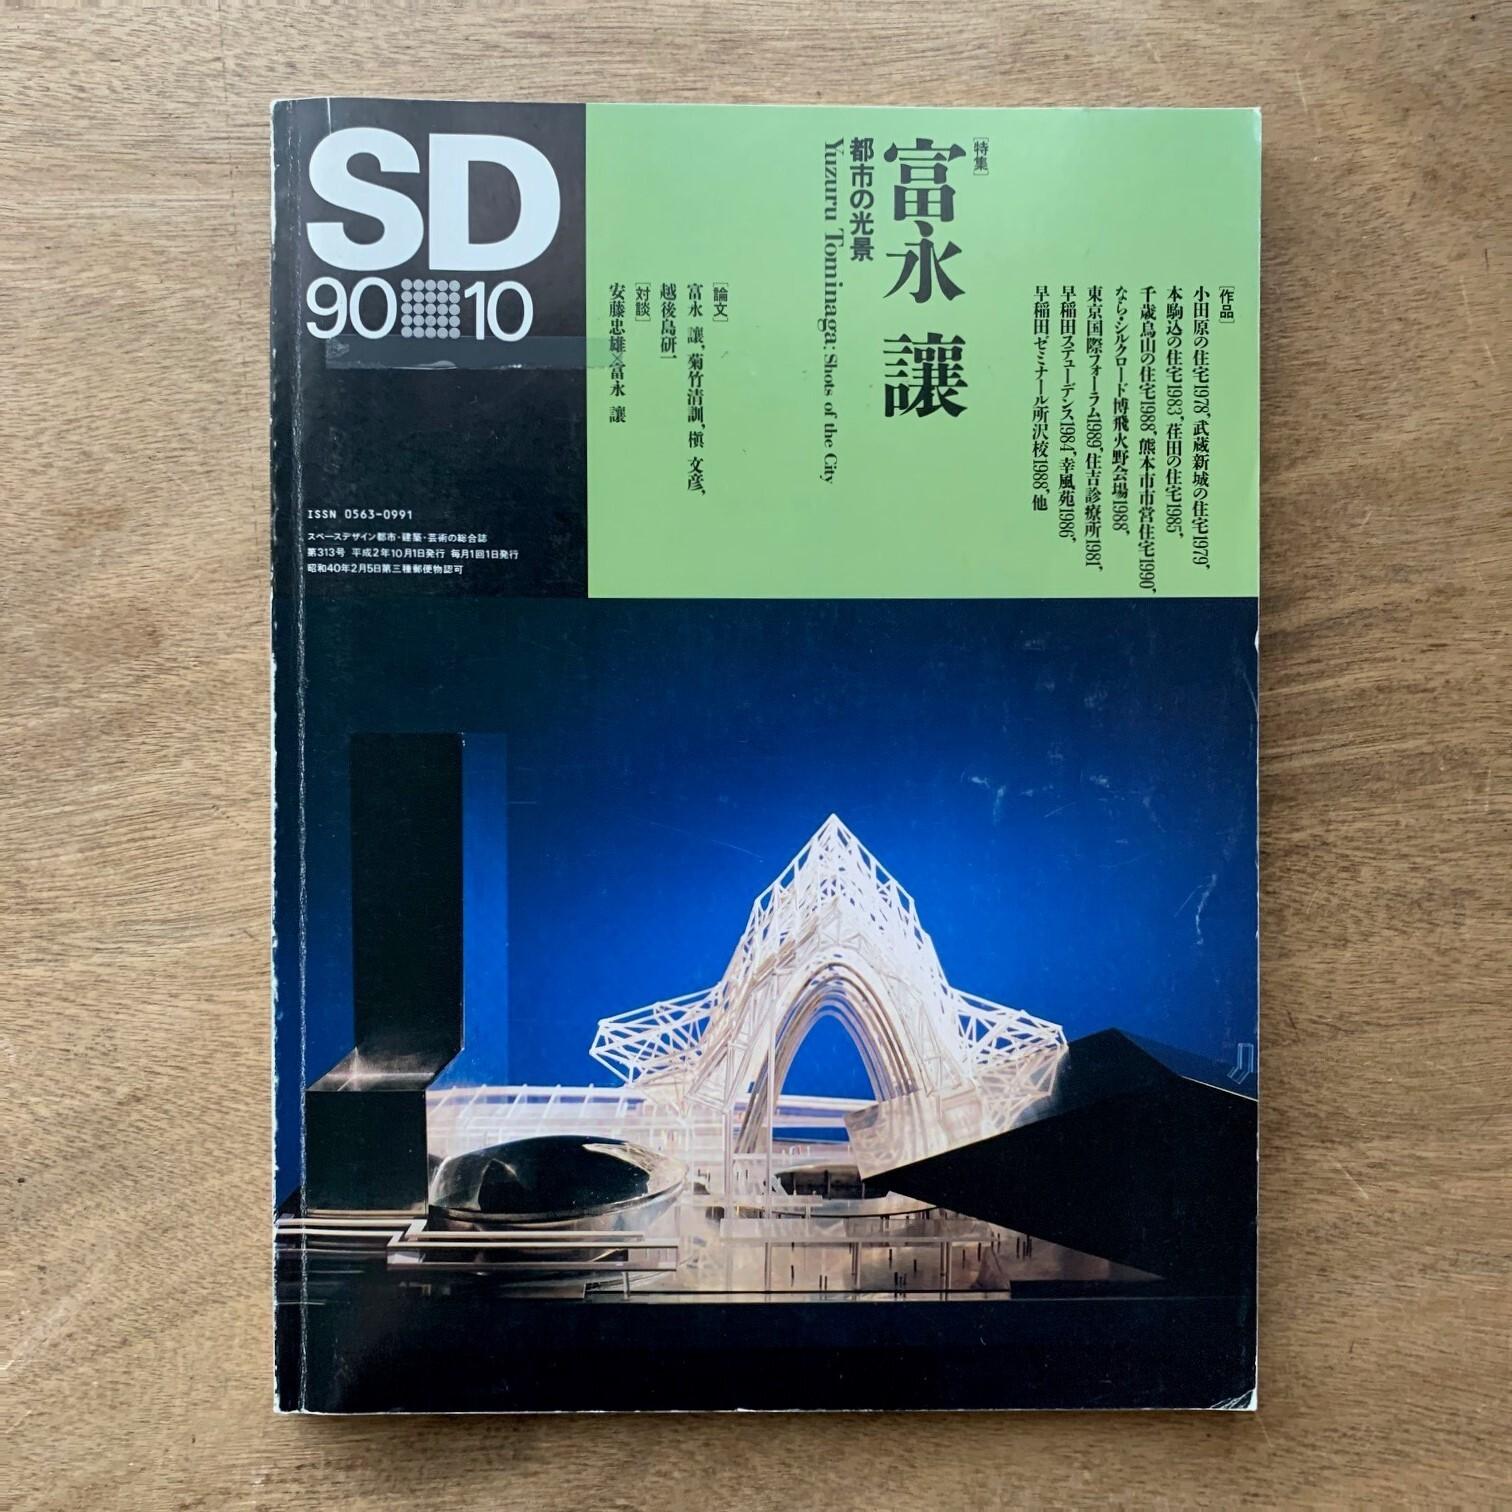 富永譲 都市の光景 / SD スペースデザイン313号